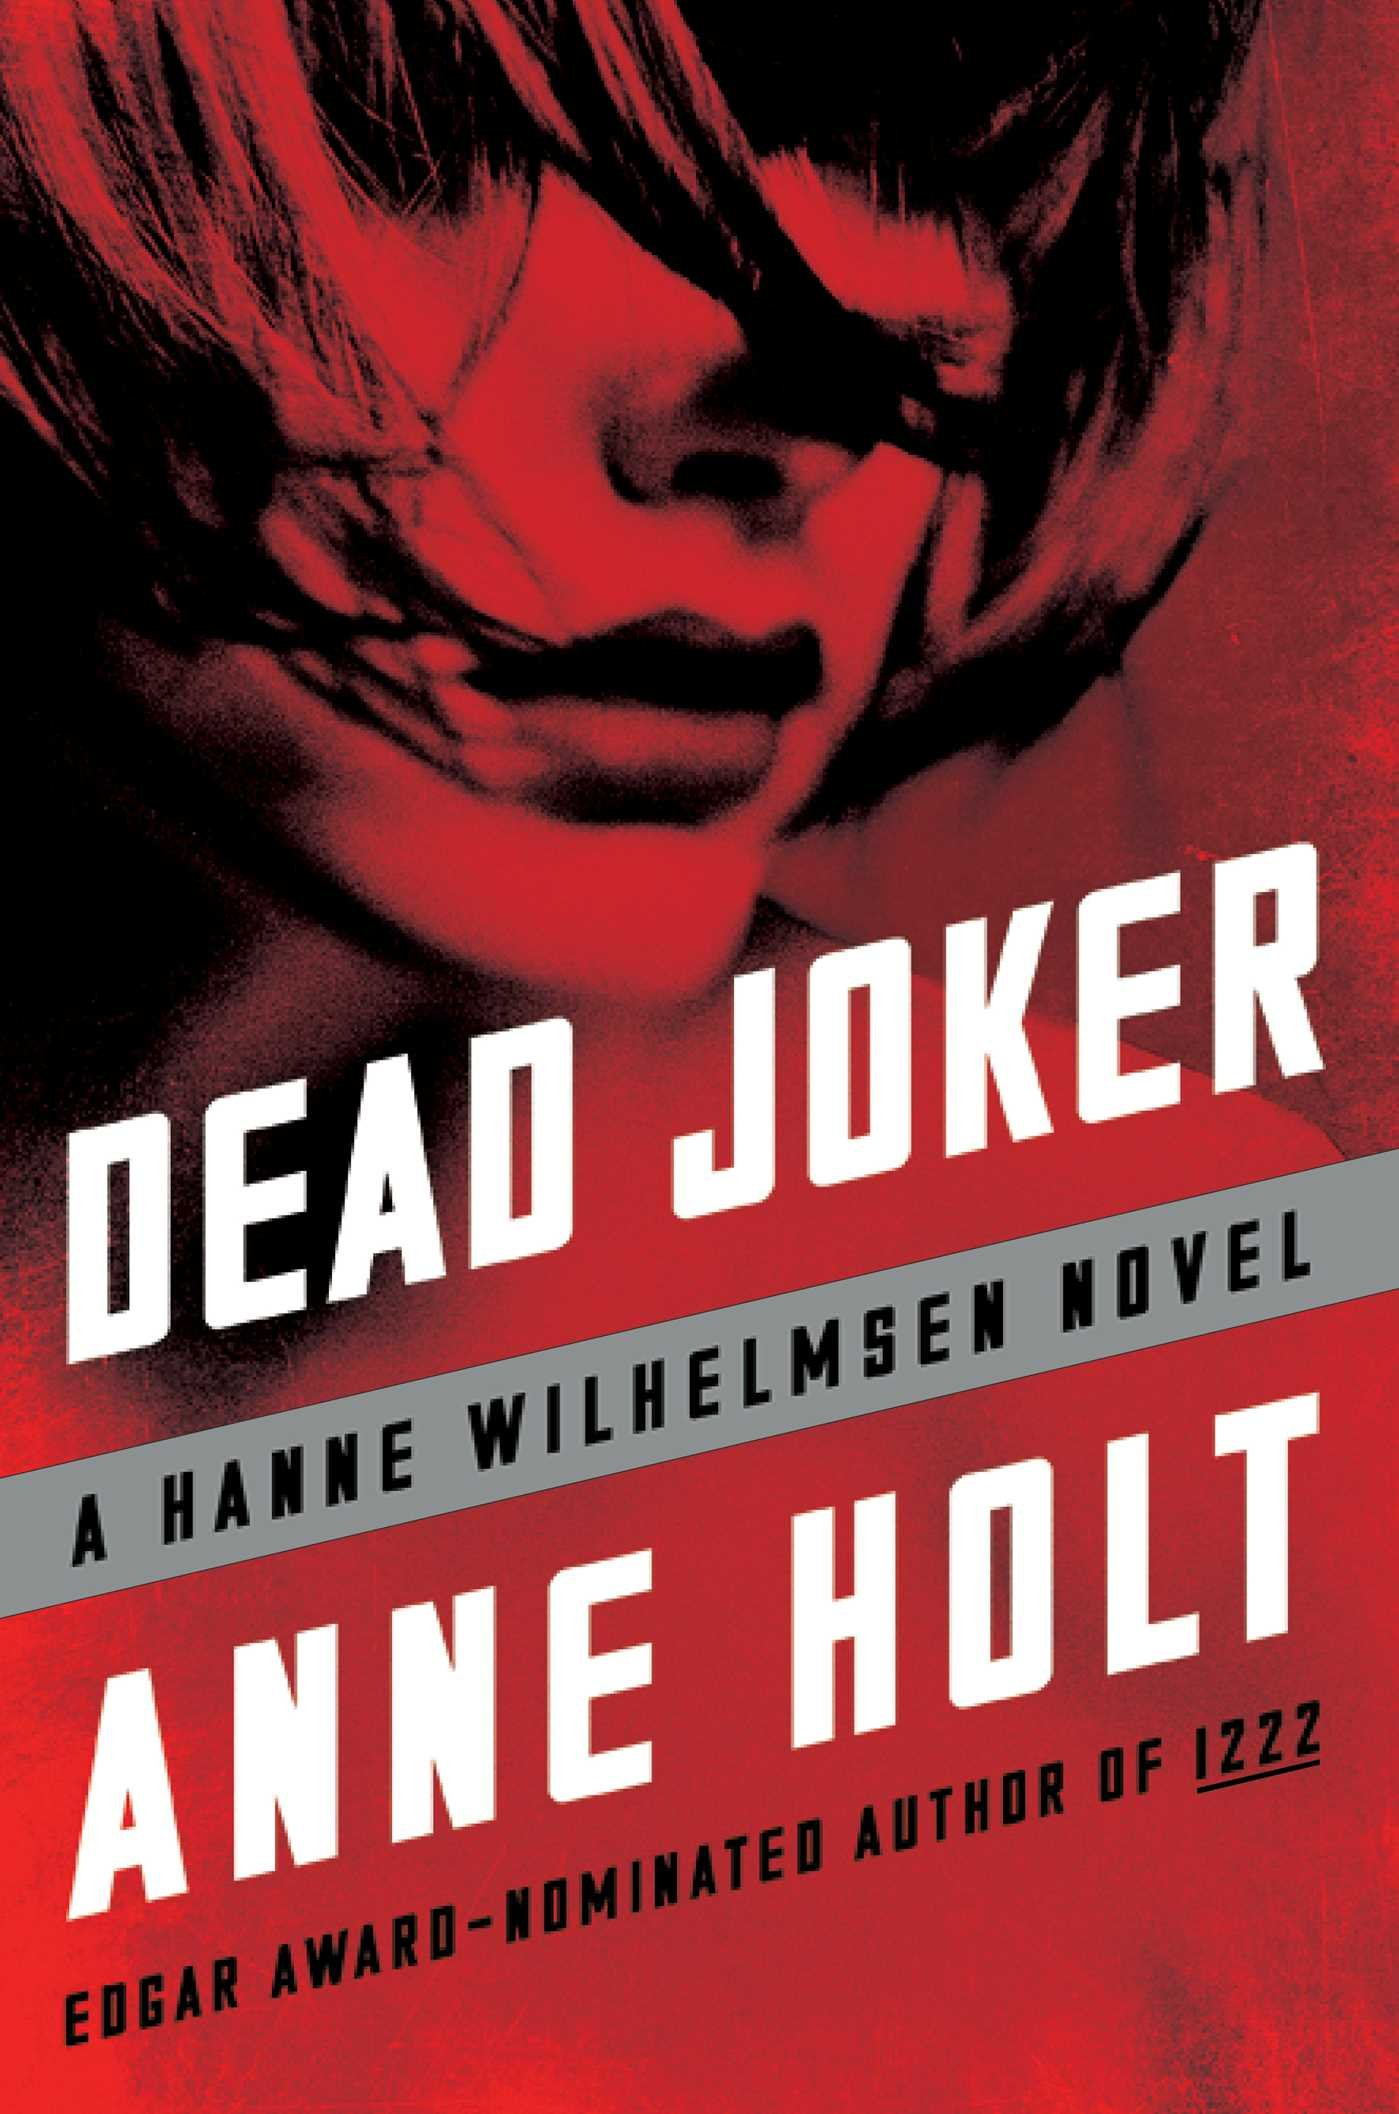 Download Dead Joker: Hanne Wilhelmsen Book Five (A Hanne Wilhelmsen Novel) PDF